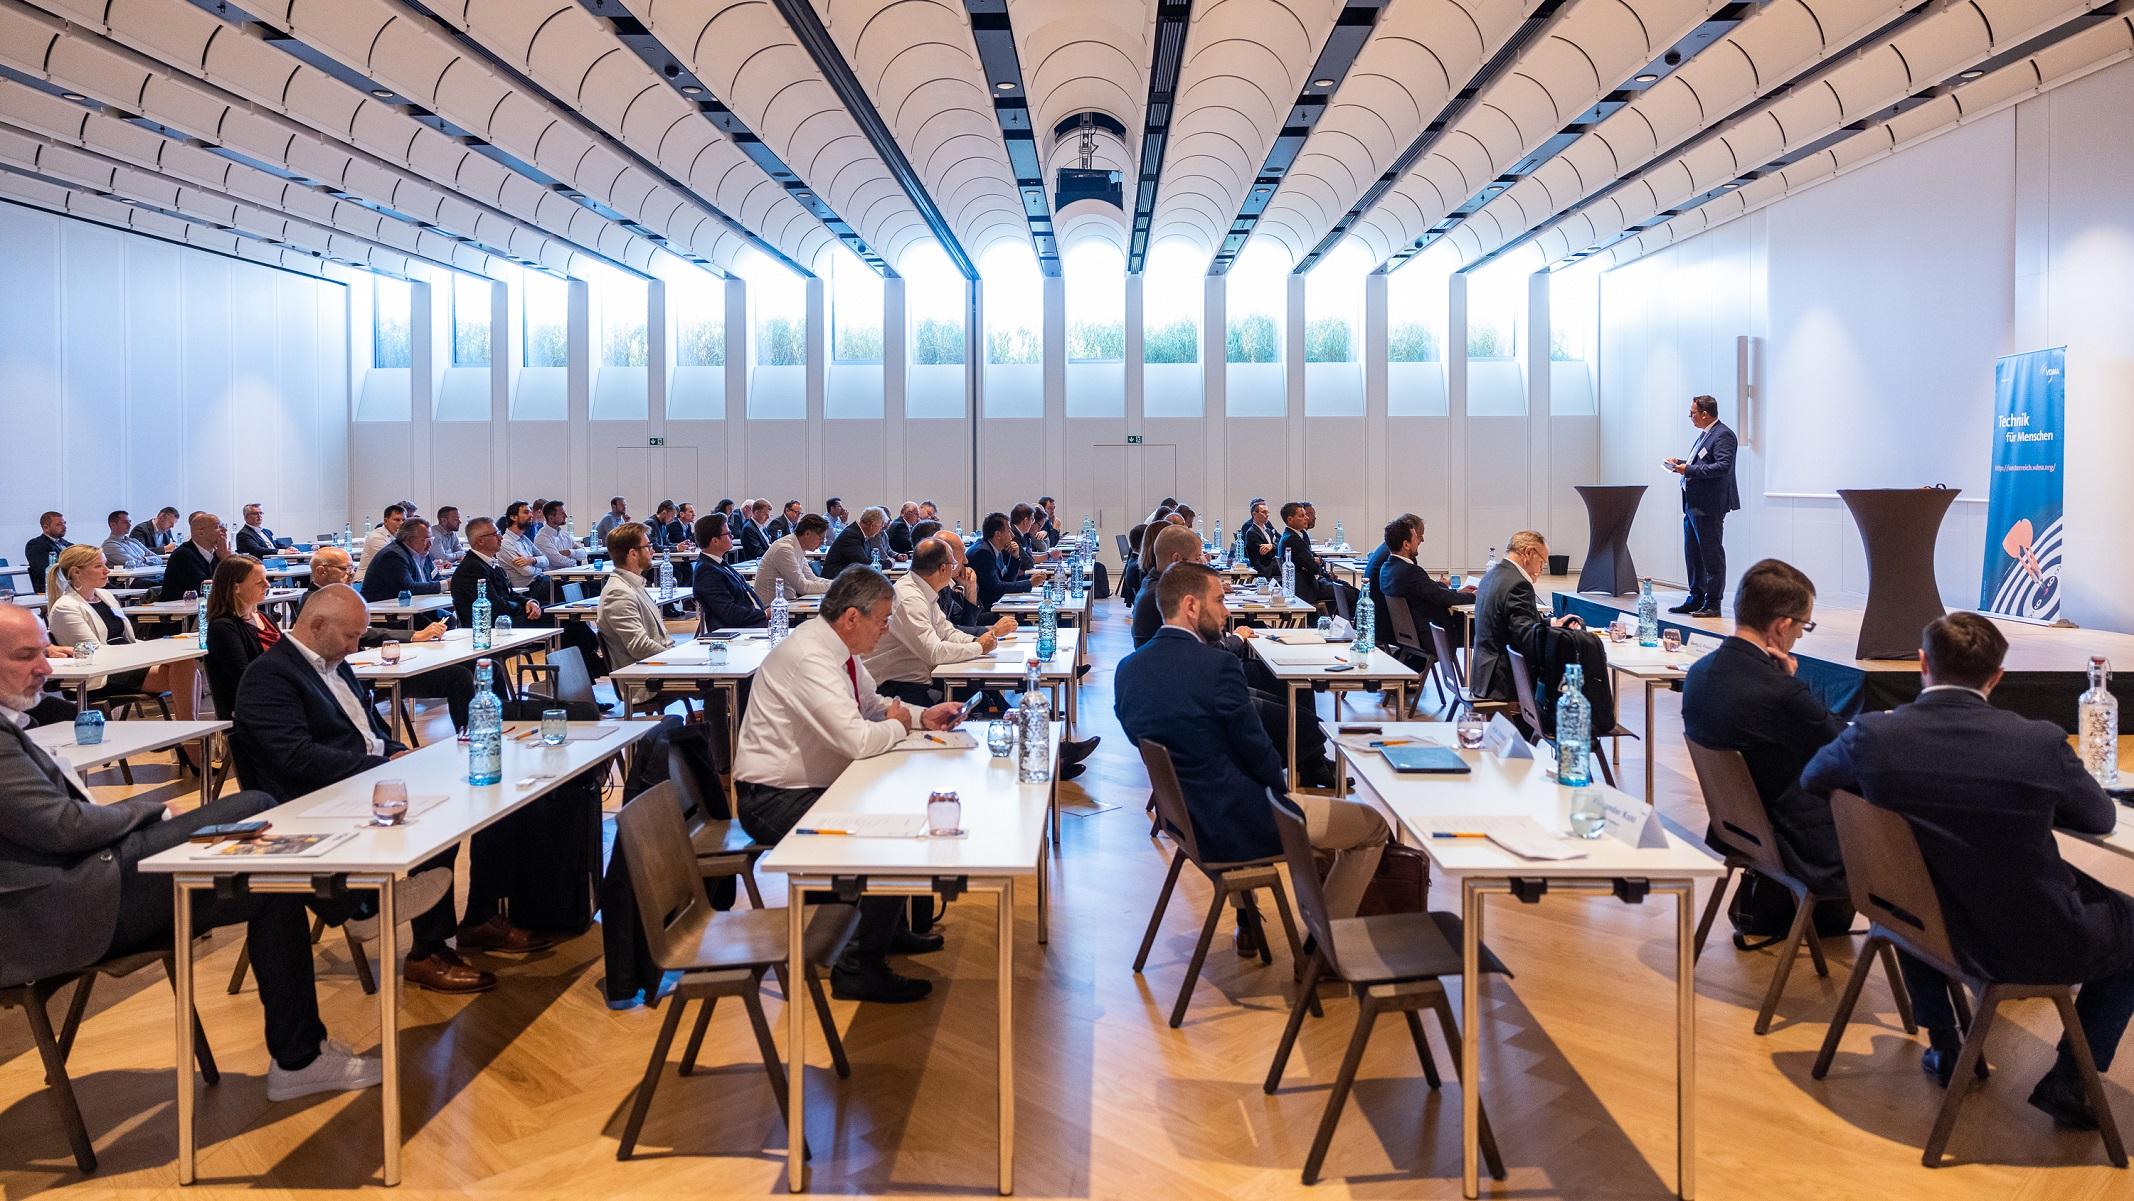 VDMA-Kongress zeigt digitale Lösungen für den Maschinen- und Anlagenbau